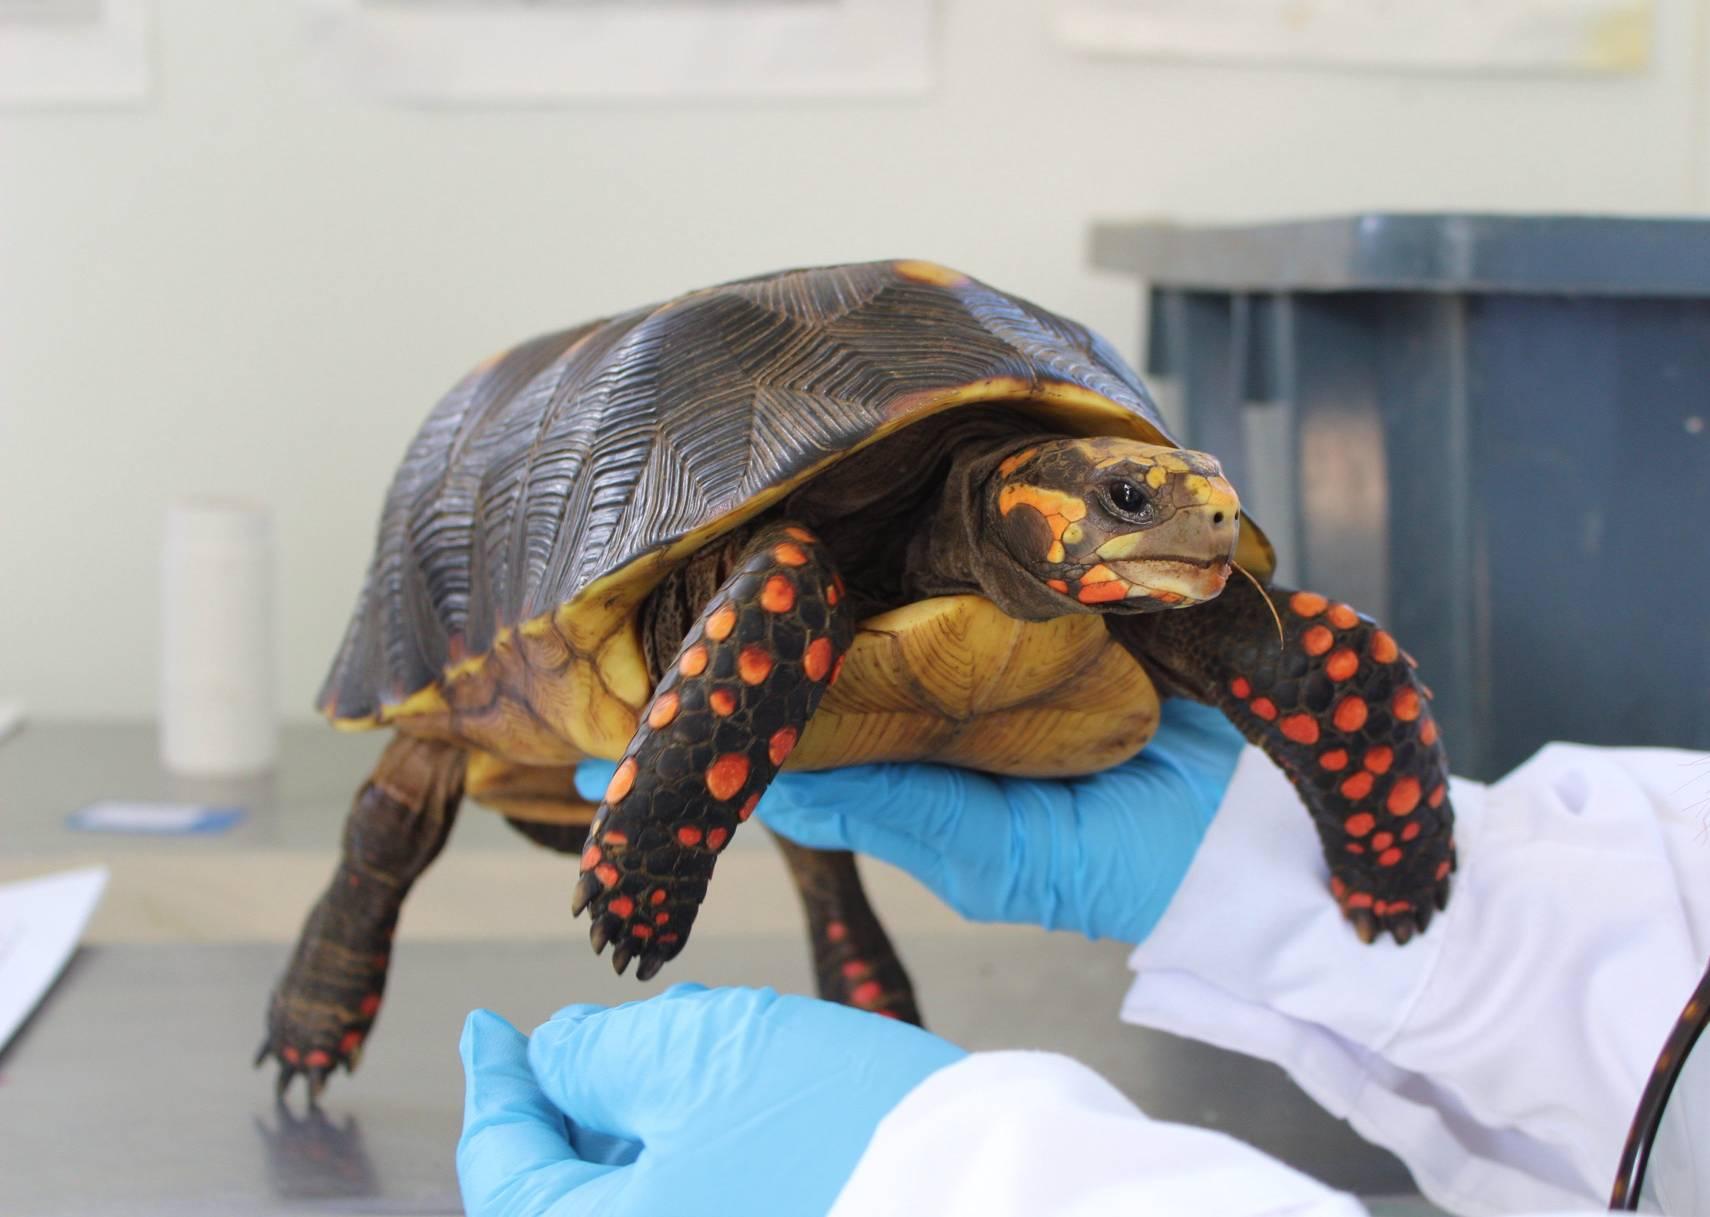 Imagen de una tortuga morrocoy